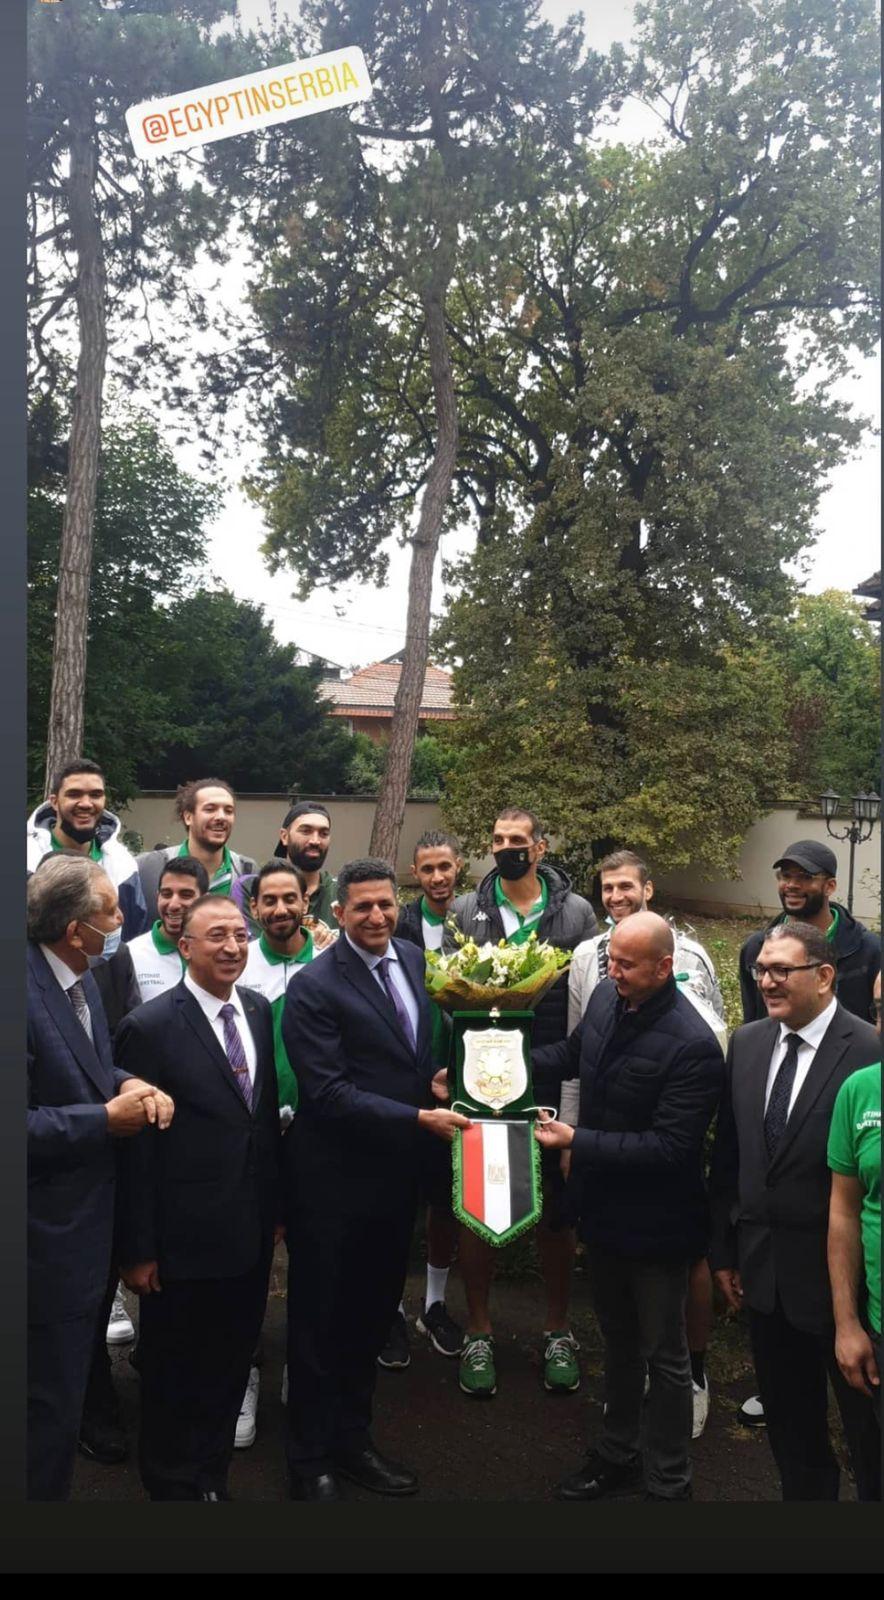 جانب من حفل سفير مصر في بلجراد عمرو الجويلى لاستقبال بعثة فريق سلة الاتحاد السكندري